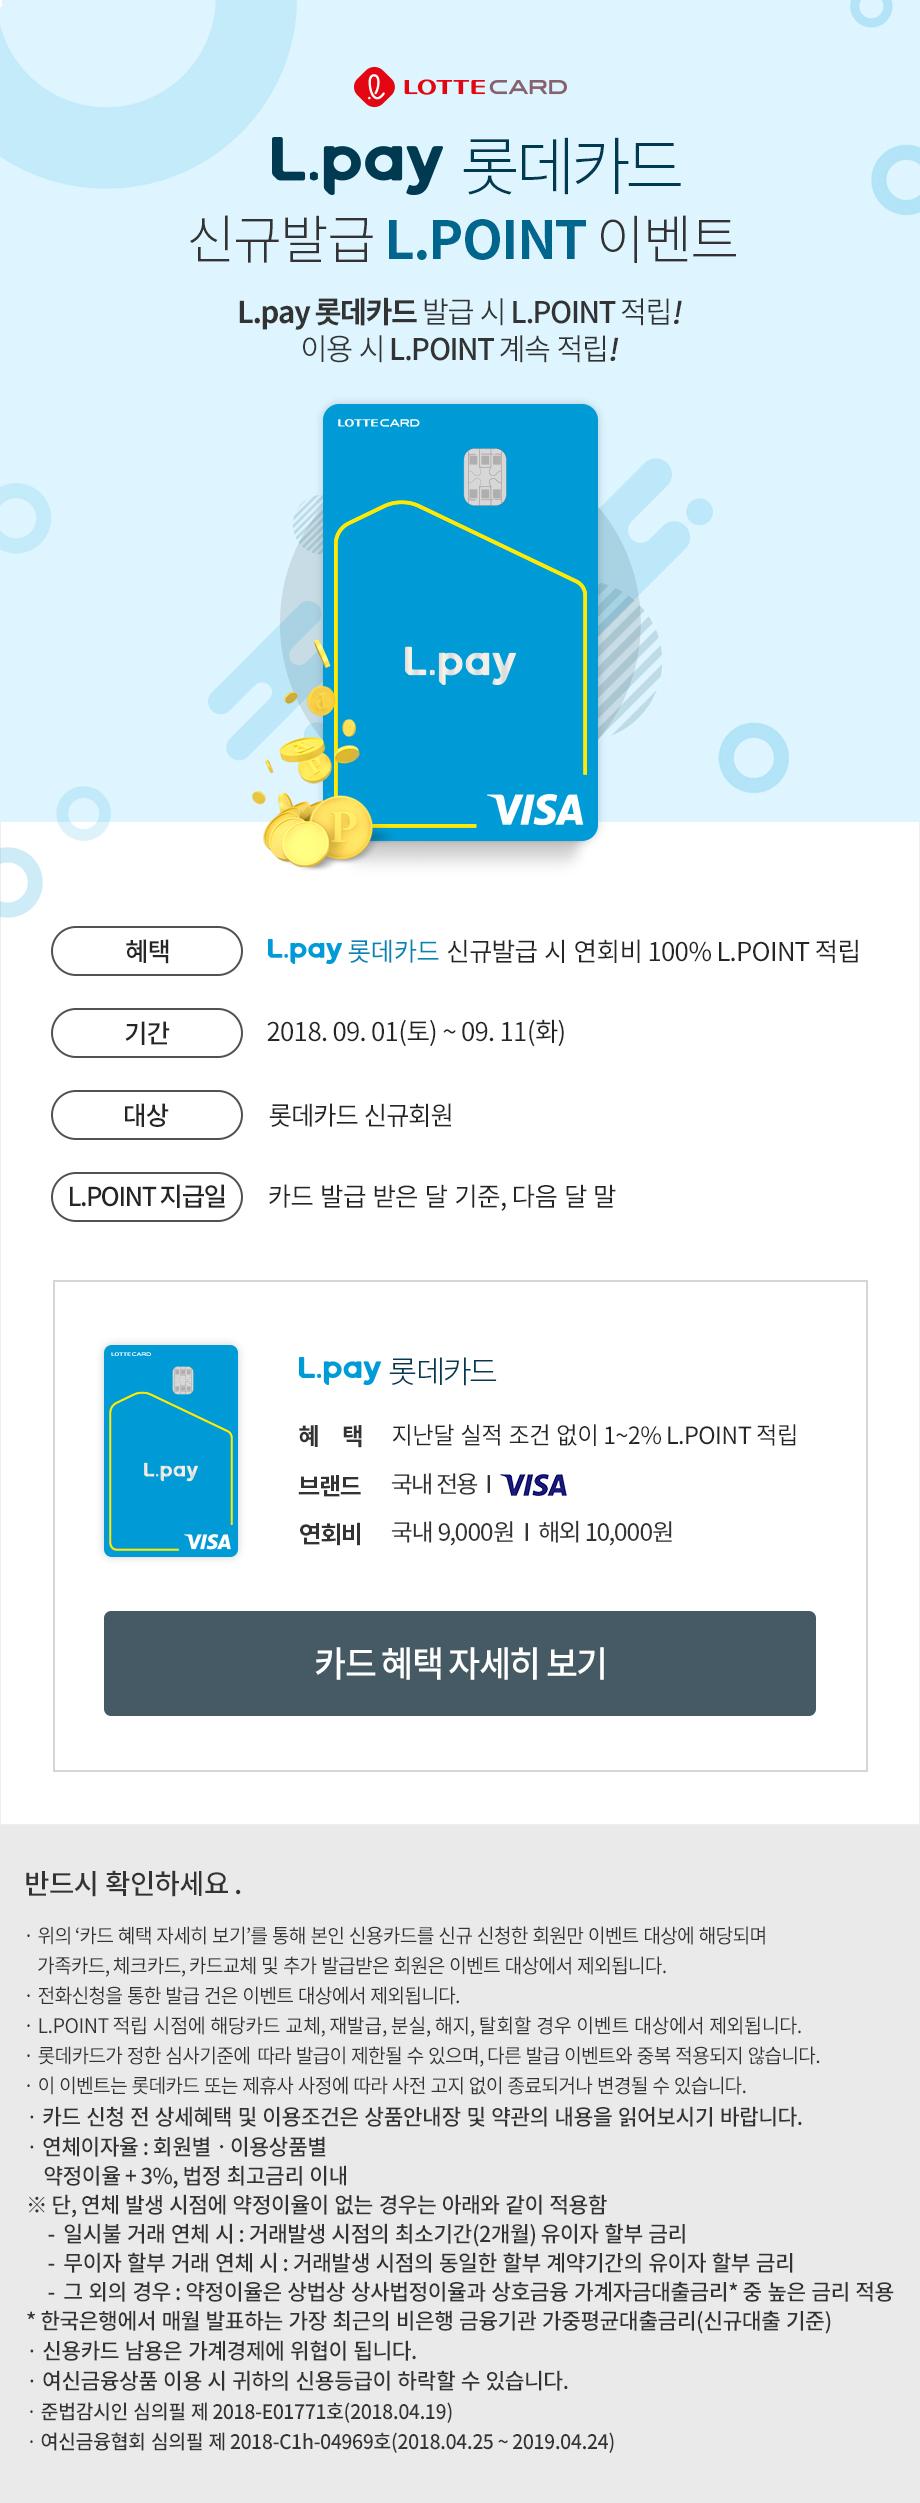 L.pay 롯데카드 신규발급 L.POINT 이벤트